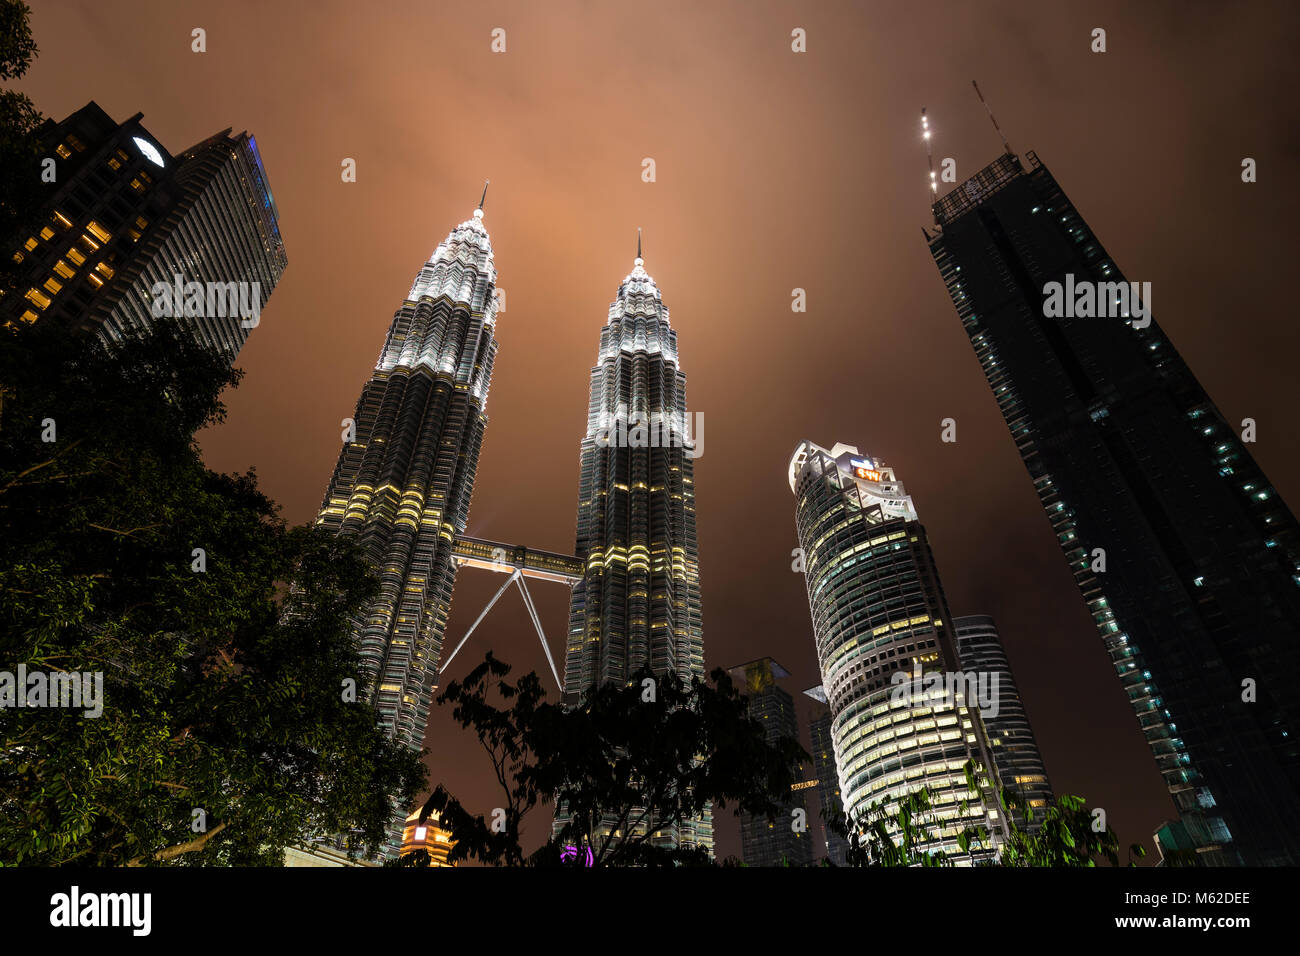 KUALA LUMPUR, Malesia, Dicembre 15, 2017: una vista maestosa delle Petronas Twin Towers di notte con drammatica Immagini Stock